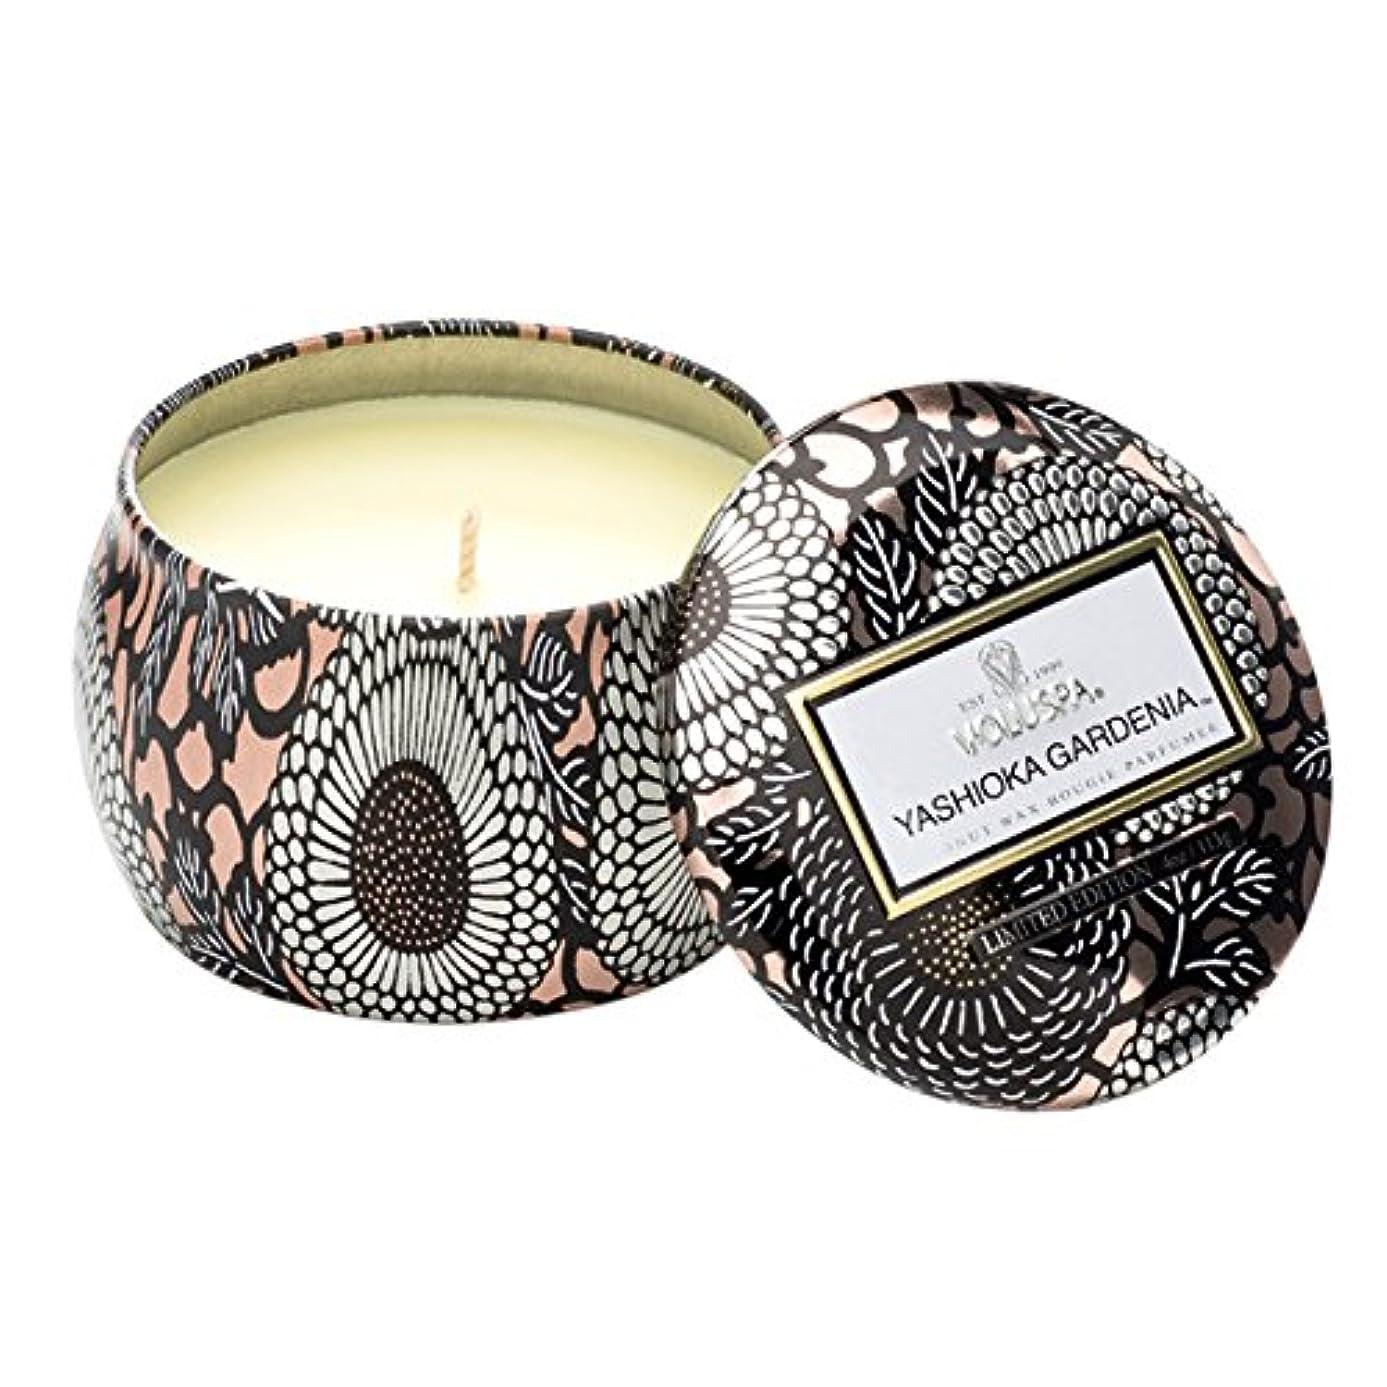 非常に怒っています委任対抗Voluspa ボルスパ ジャポニカ リミテッド ティンキャンドル  S ヤシオカガーデニア YASHIOKA GARDENIA JAPONICA Limited PETITE Tin Glass Candle